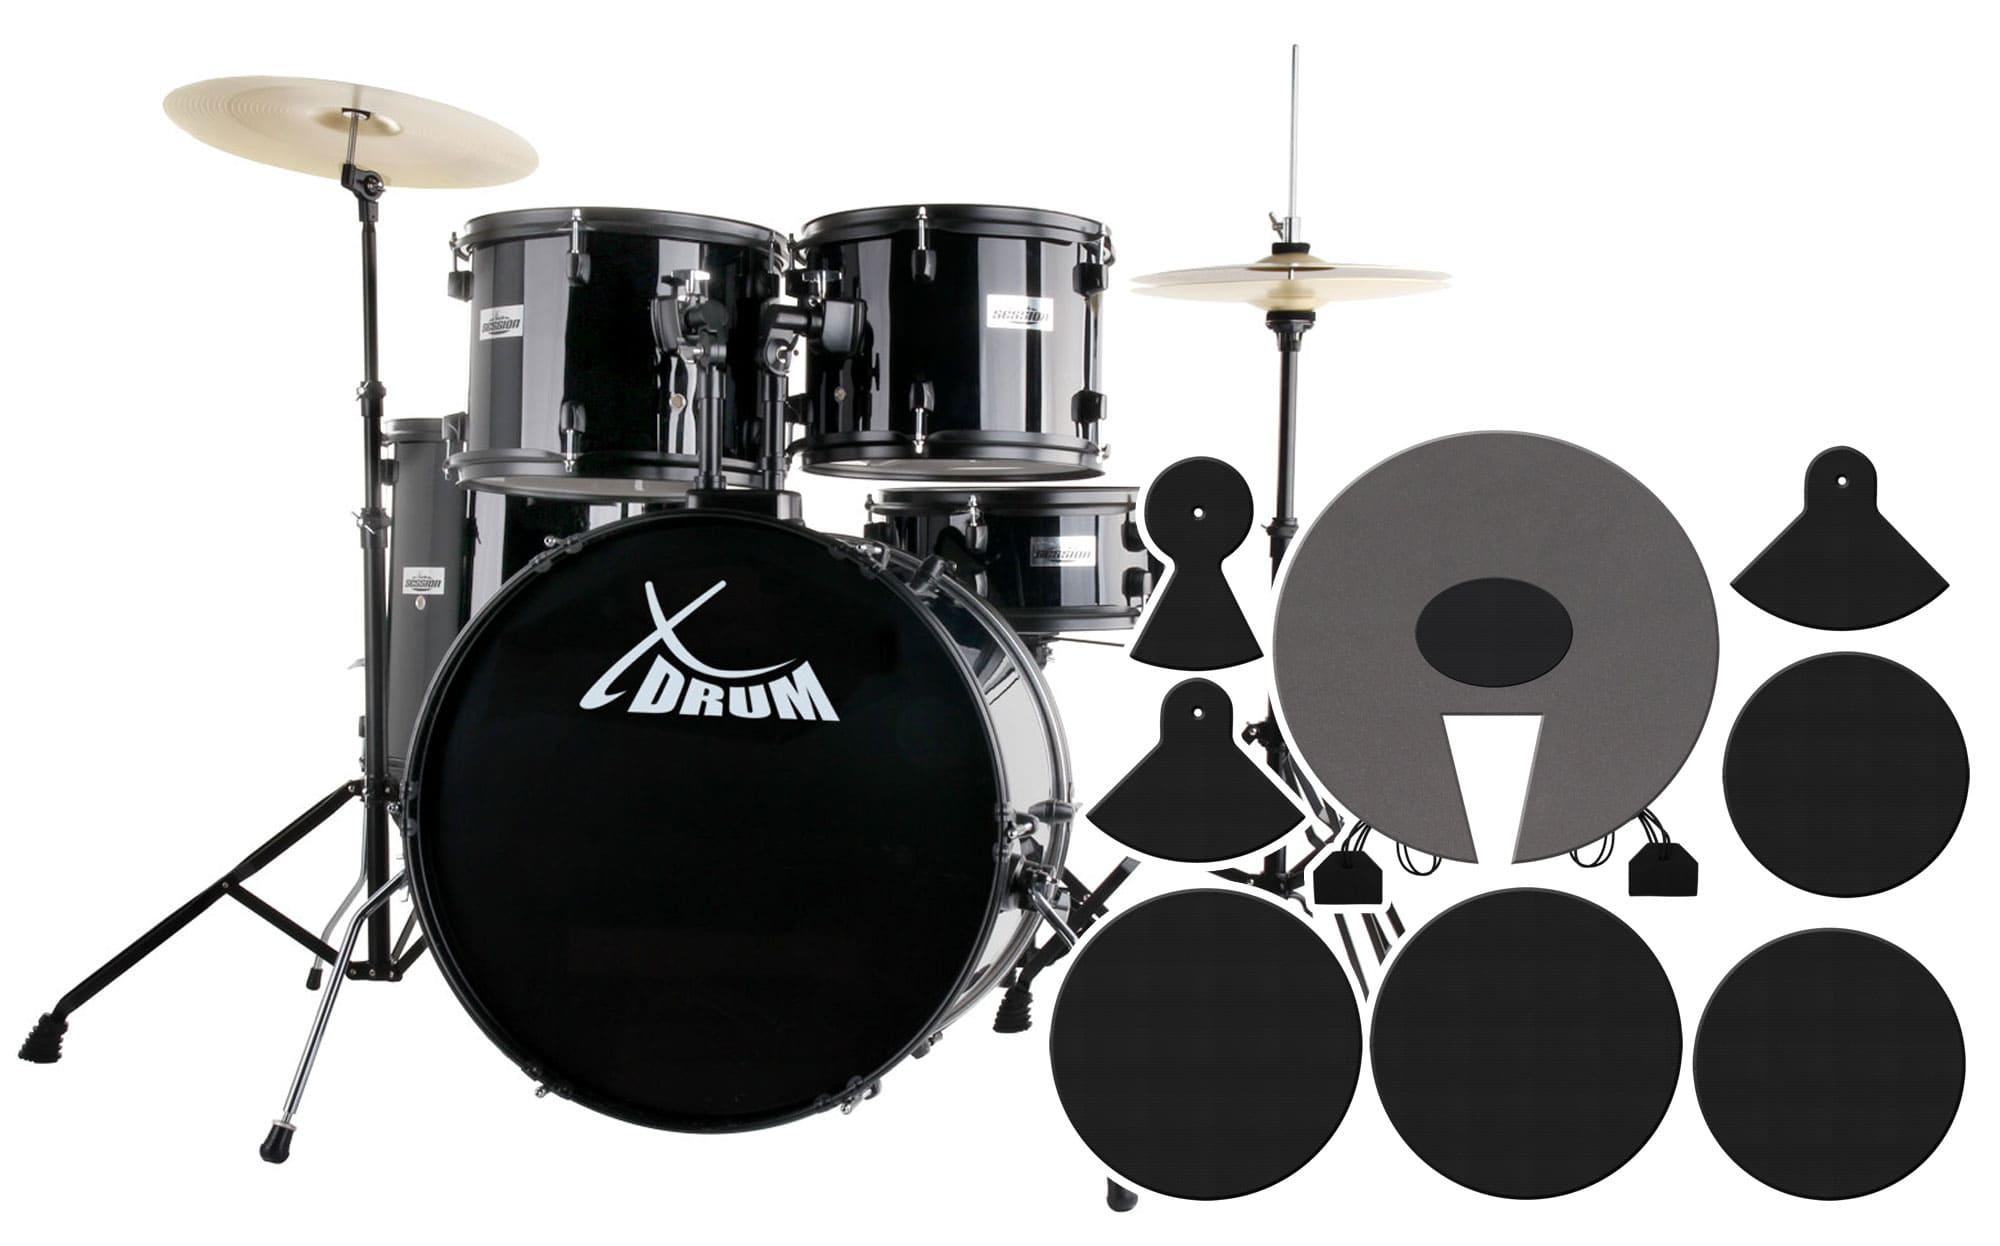 XDrum Rookie 22' Standard Schlagzeug Black plus Dämpferset